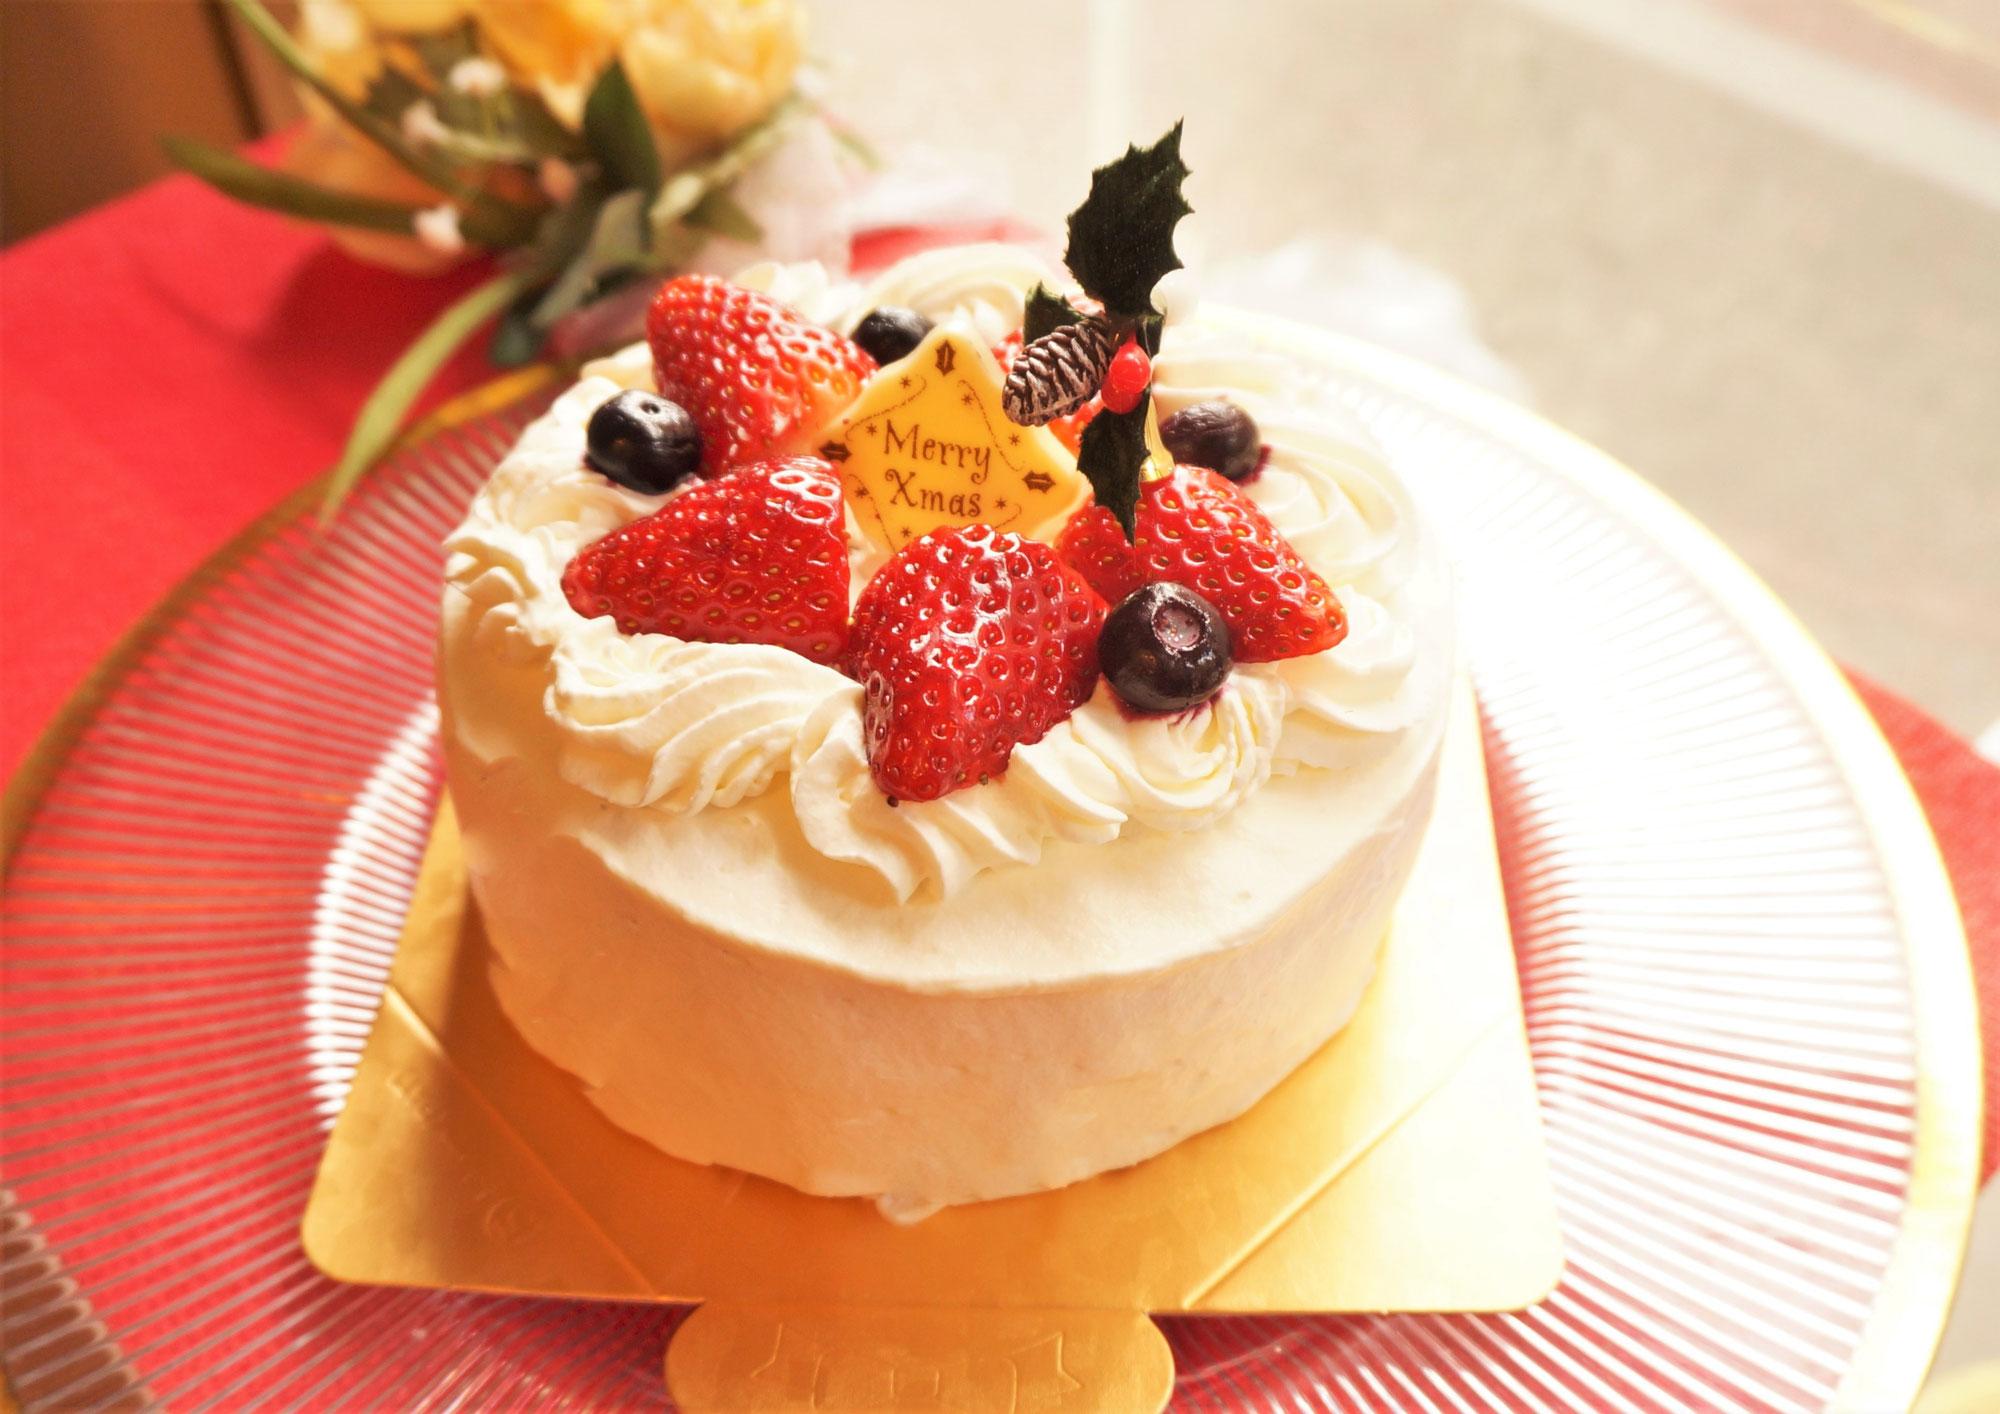 なぜお菓子作り初心者・料理経験ゼロ!の人がスポンジケーキ作りがうまくなったのか?